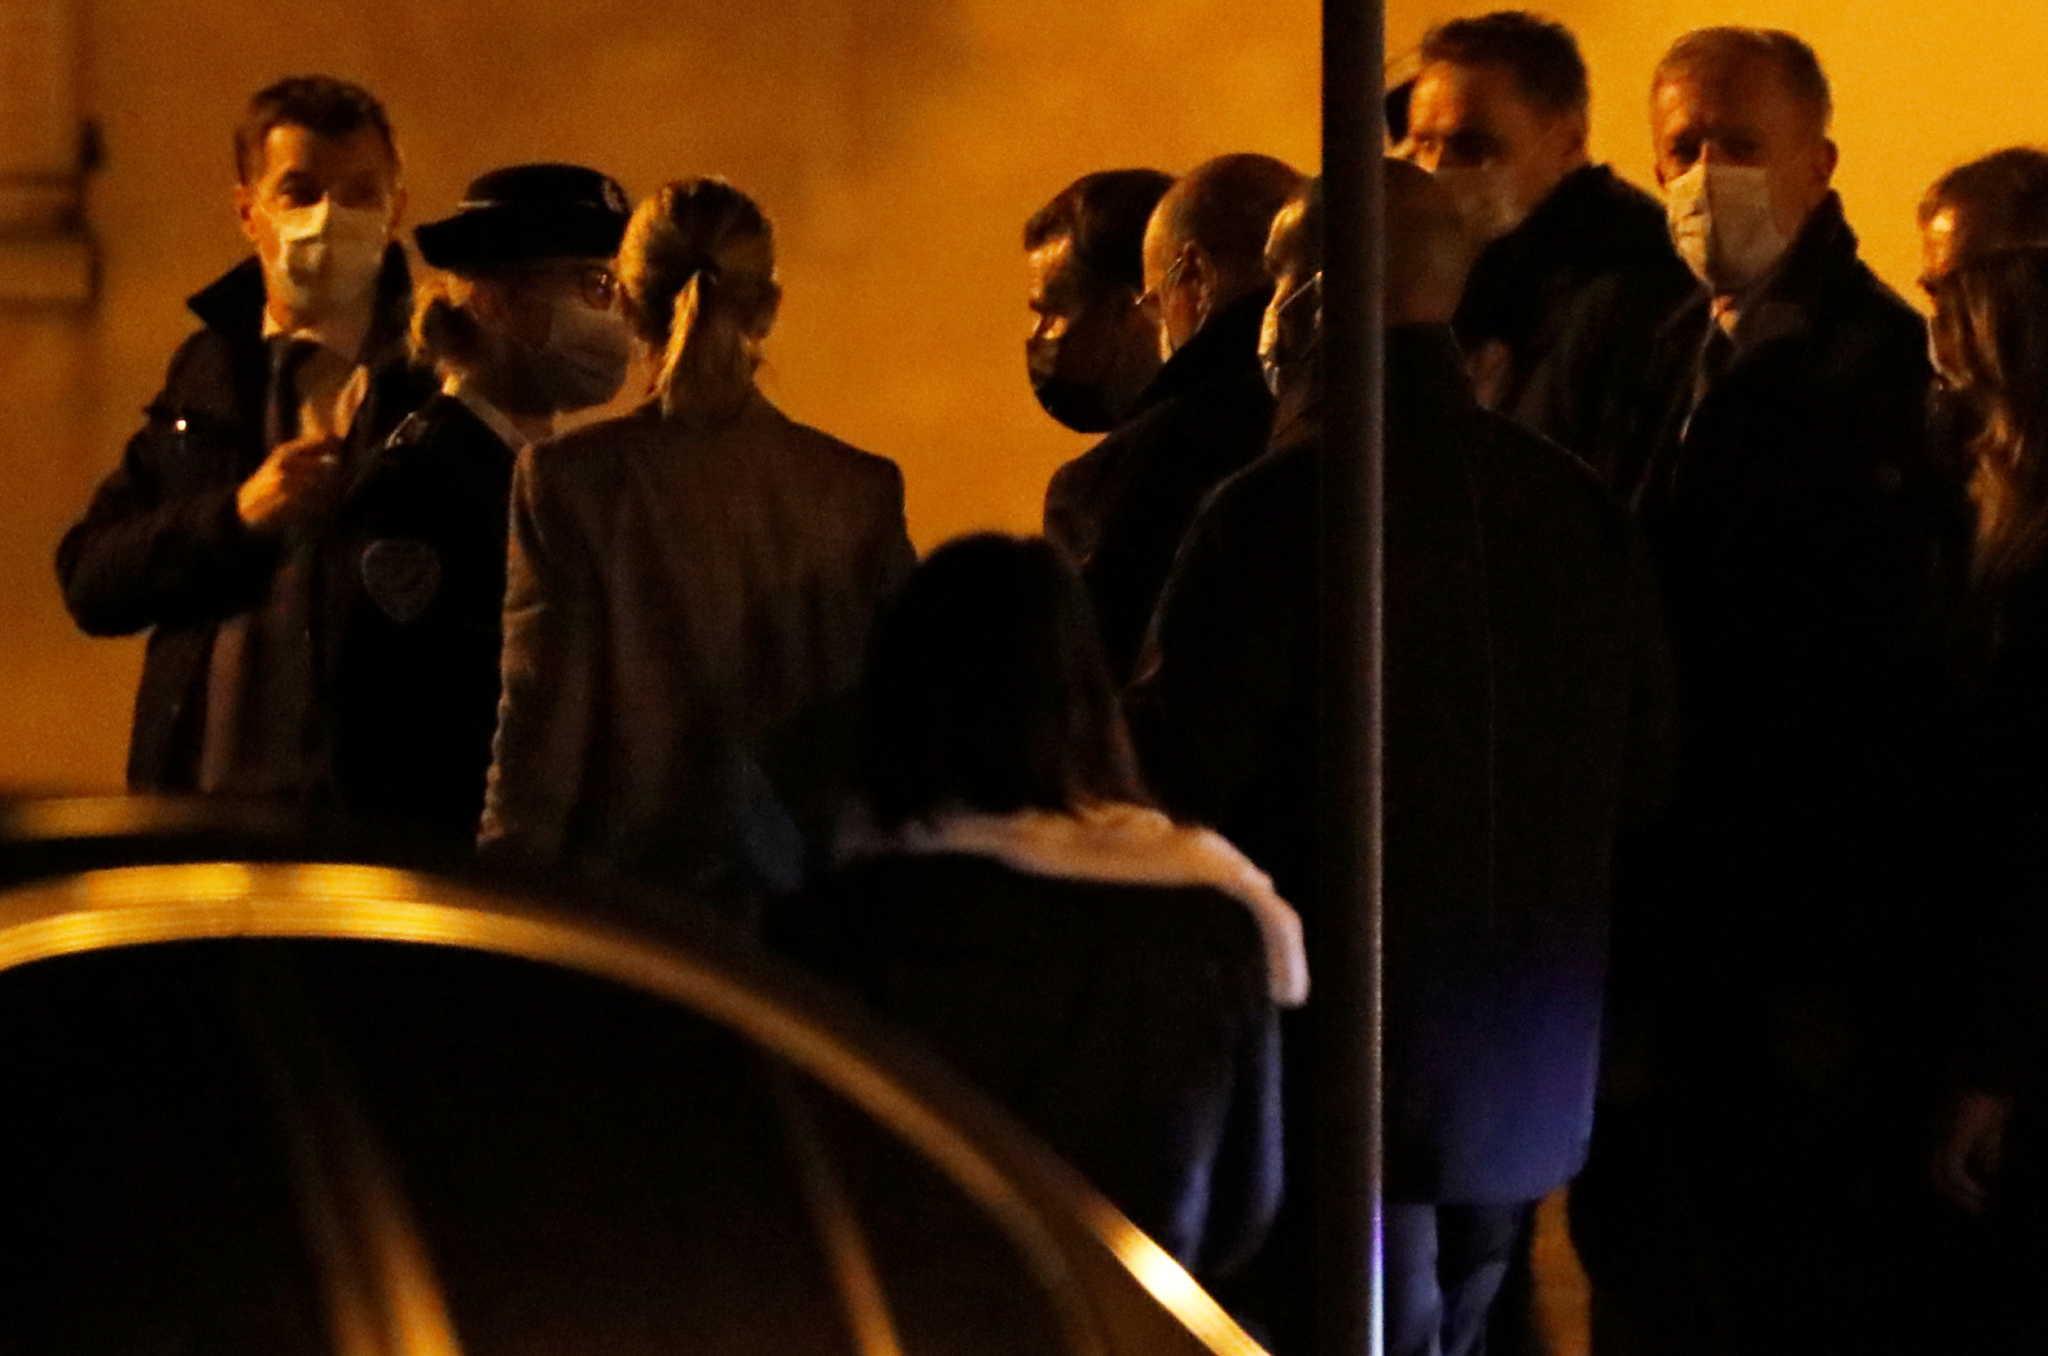 Σαμουέλ Πατί: «Ψέματα» οι καταγγελίες για τον καθηγητή που αποκεφαλίστηκε  – Δεν είχε προσβάλει τους μουσουλμάνους μαθητές του